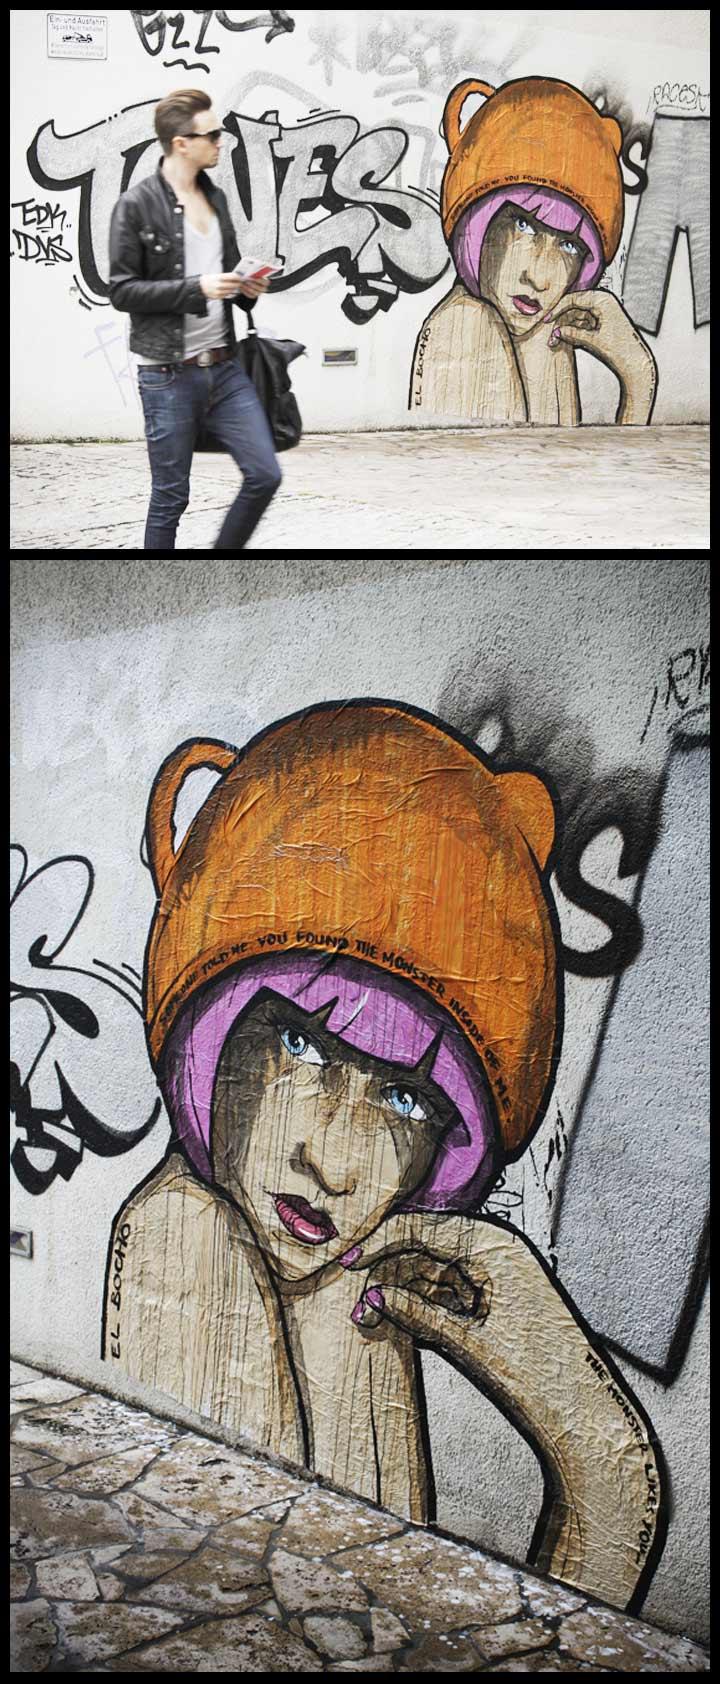 El Bocho Berlin00006